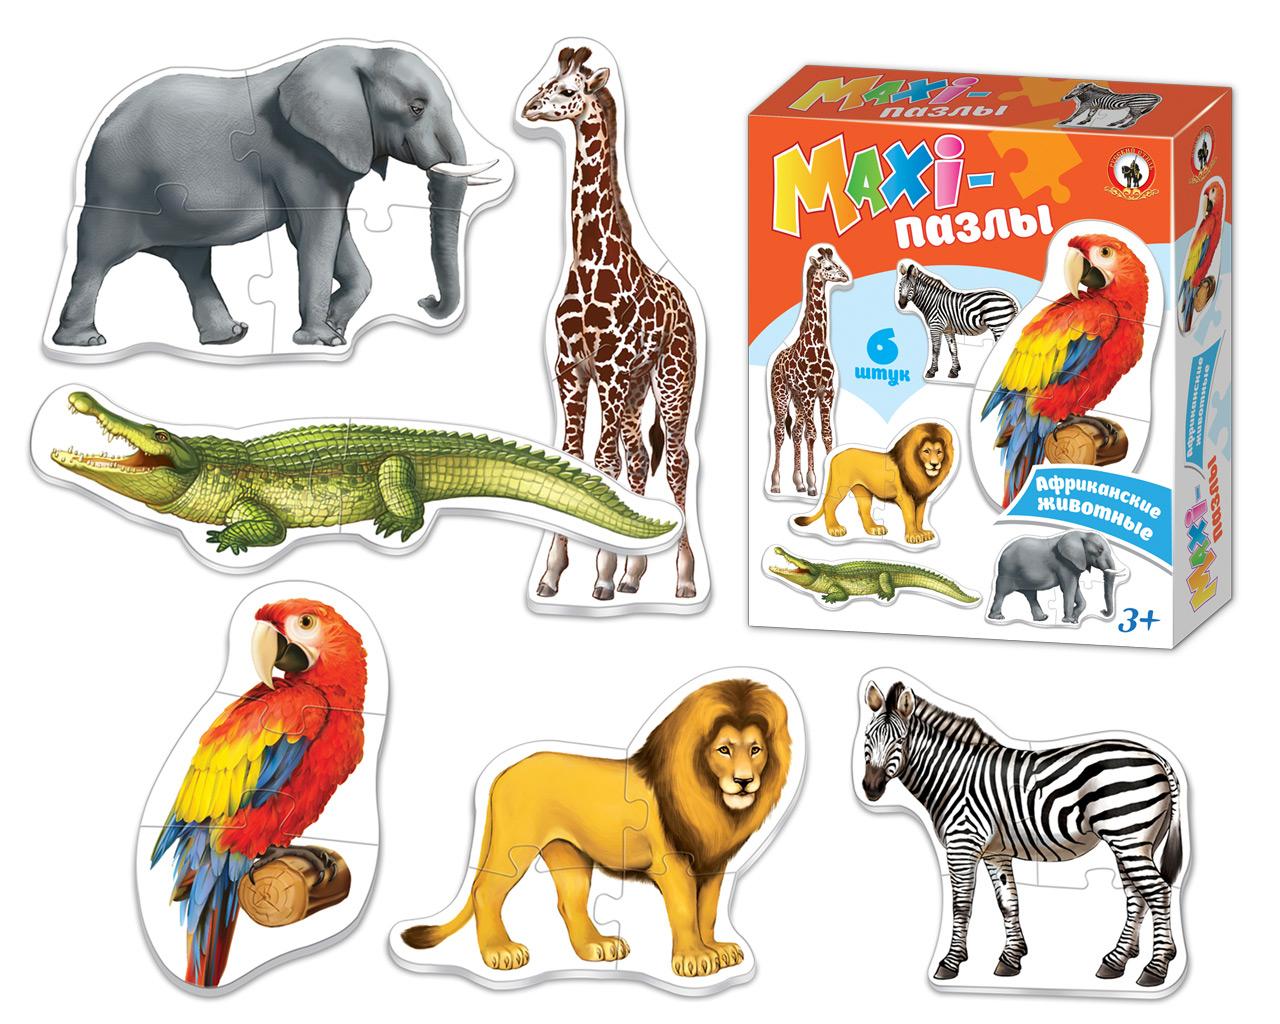 Макси-пазл Русский стиль Африканские животные